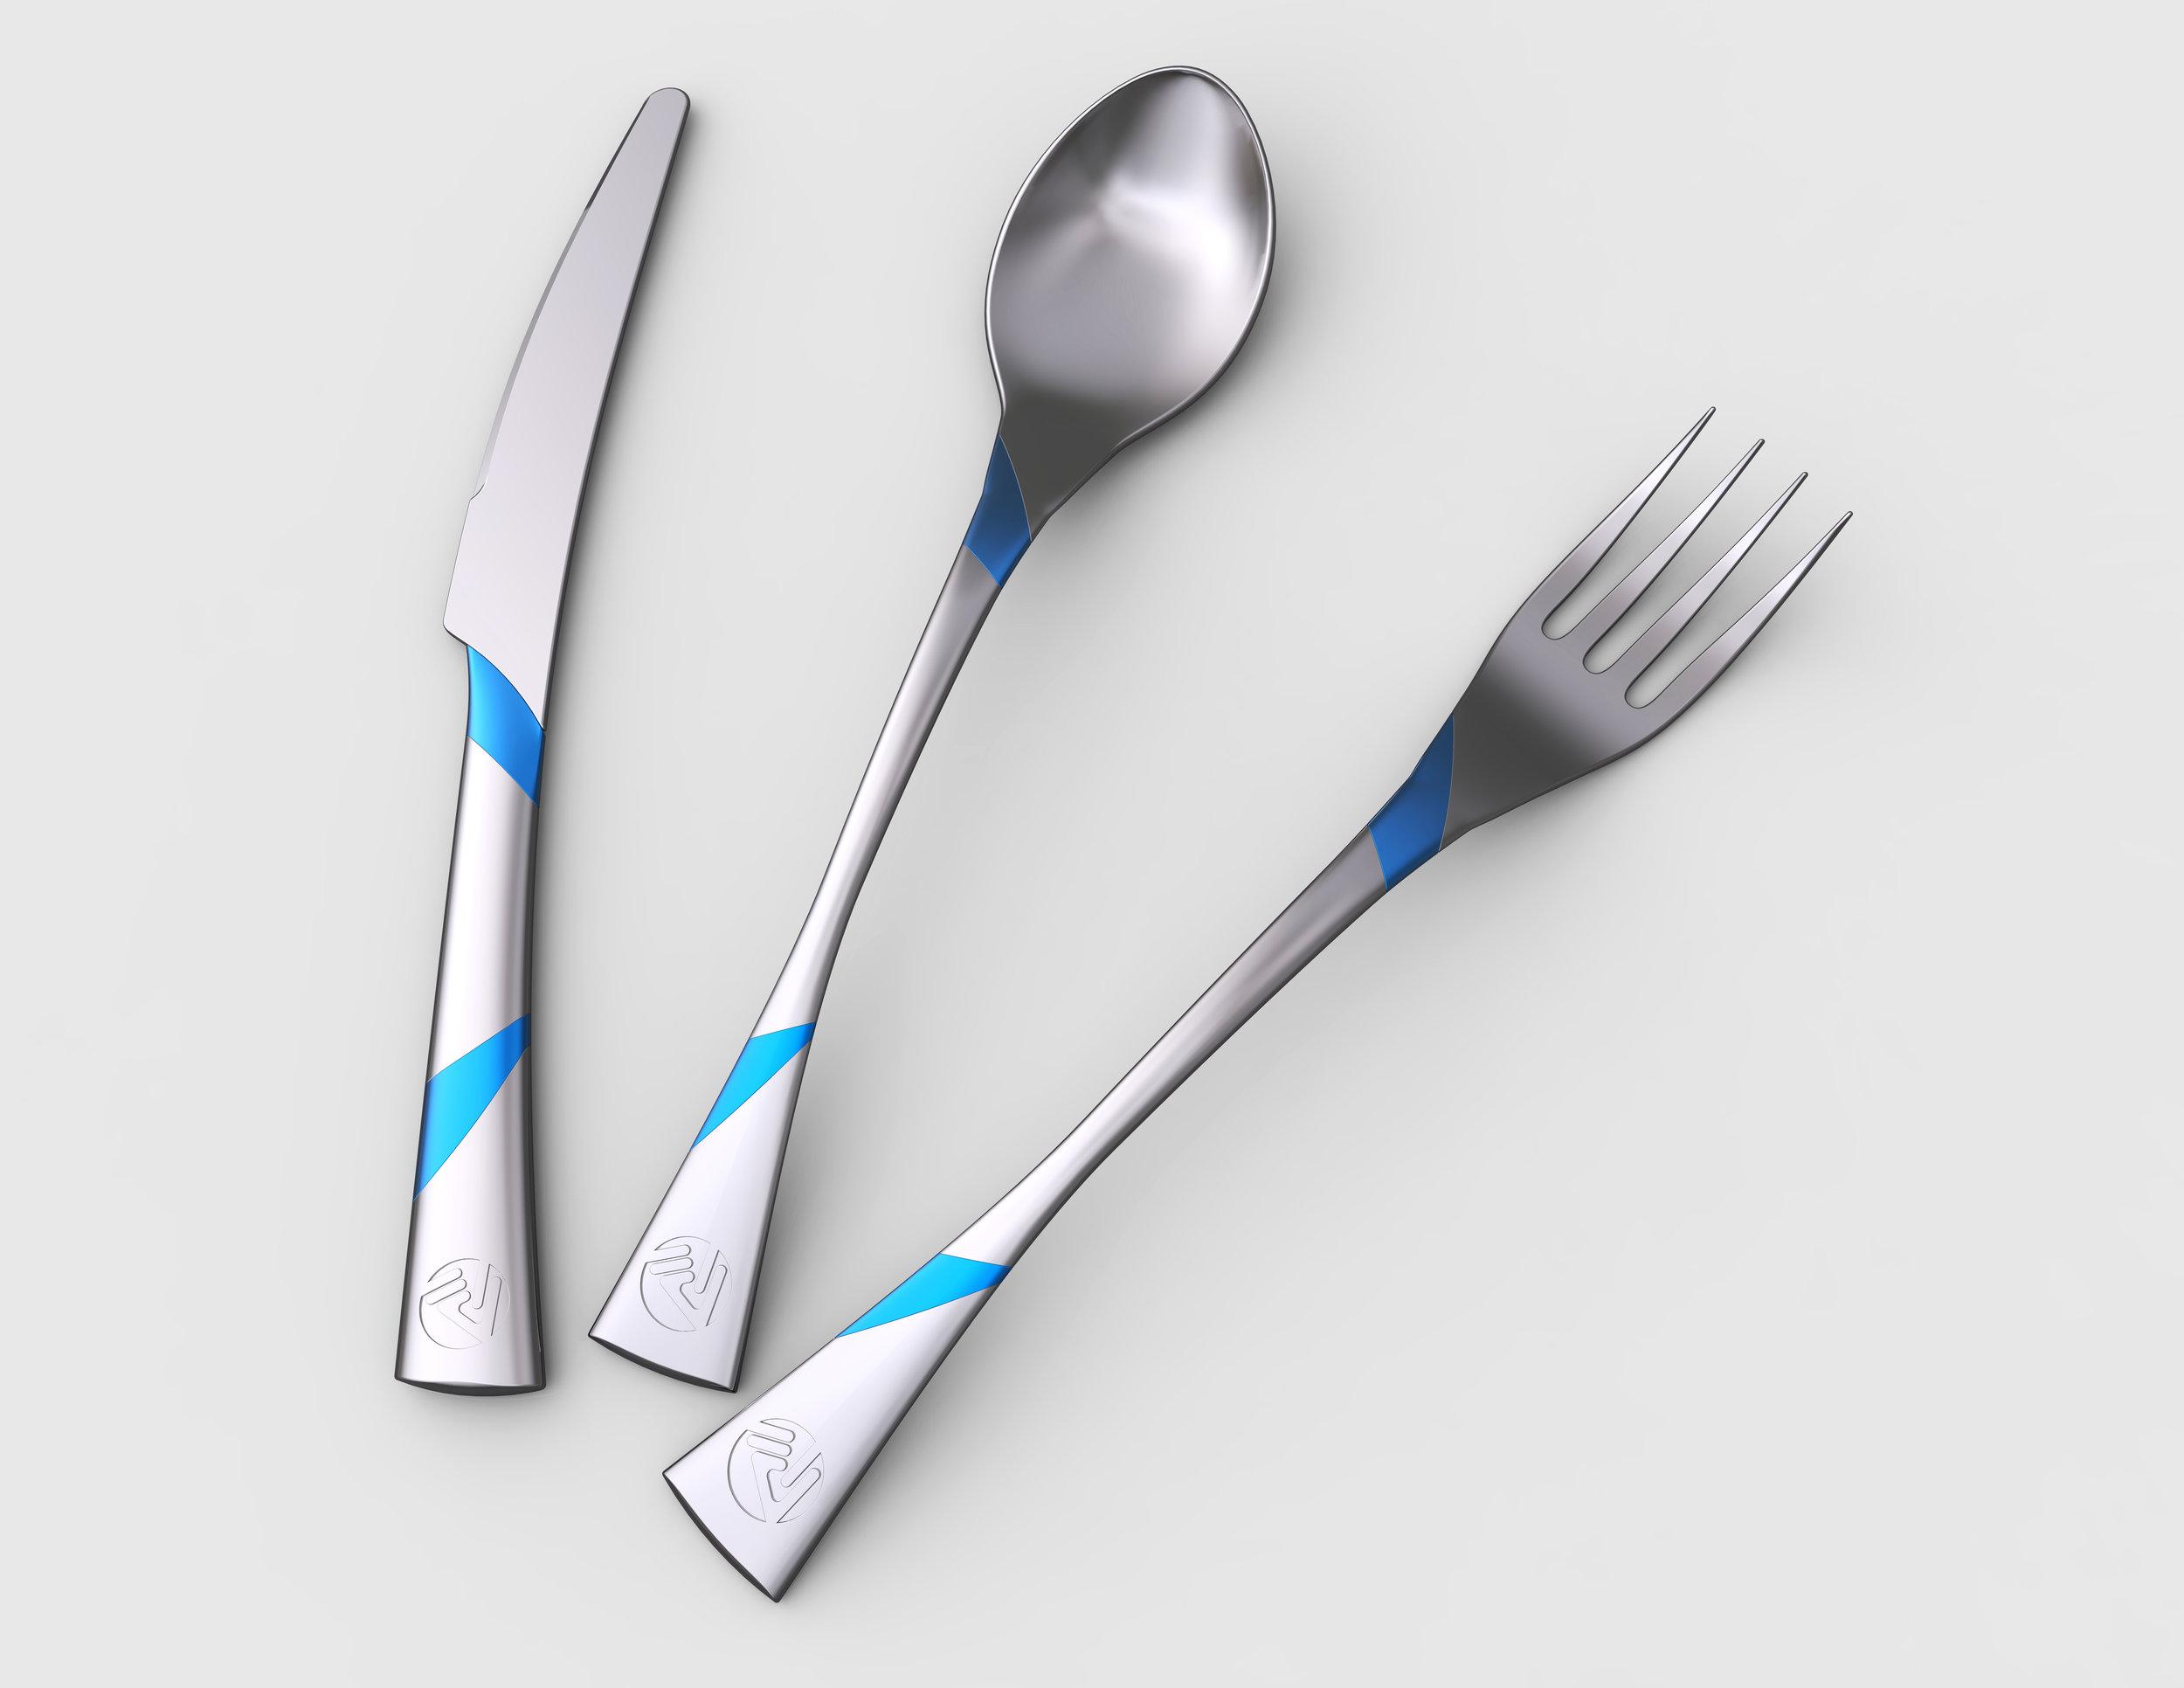 Cutlery on napkin 2.jpg